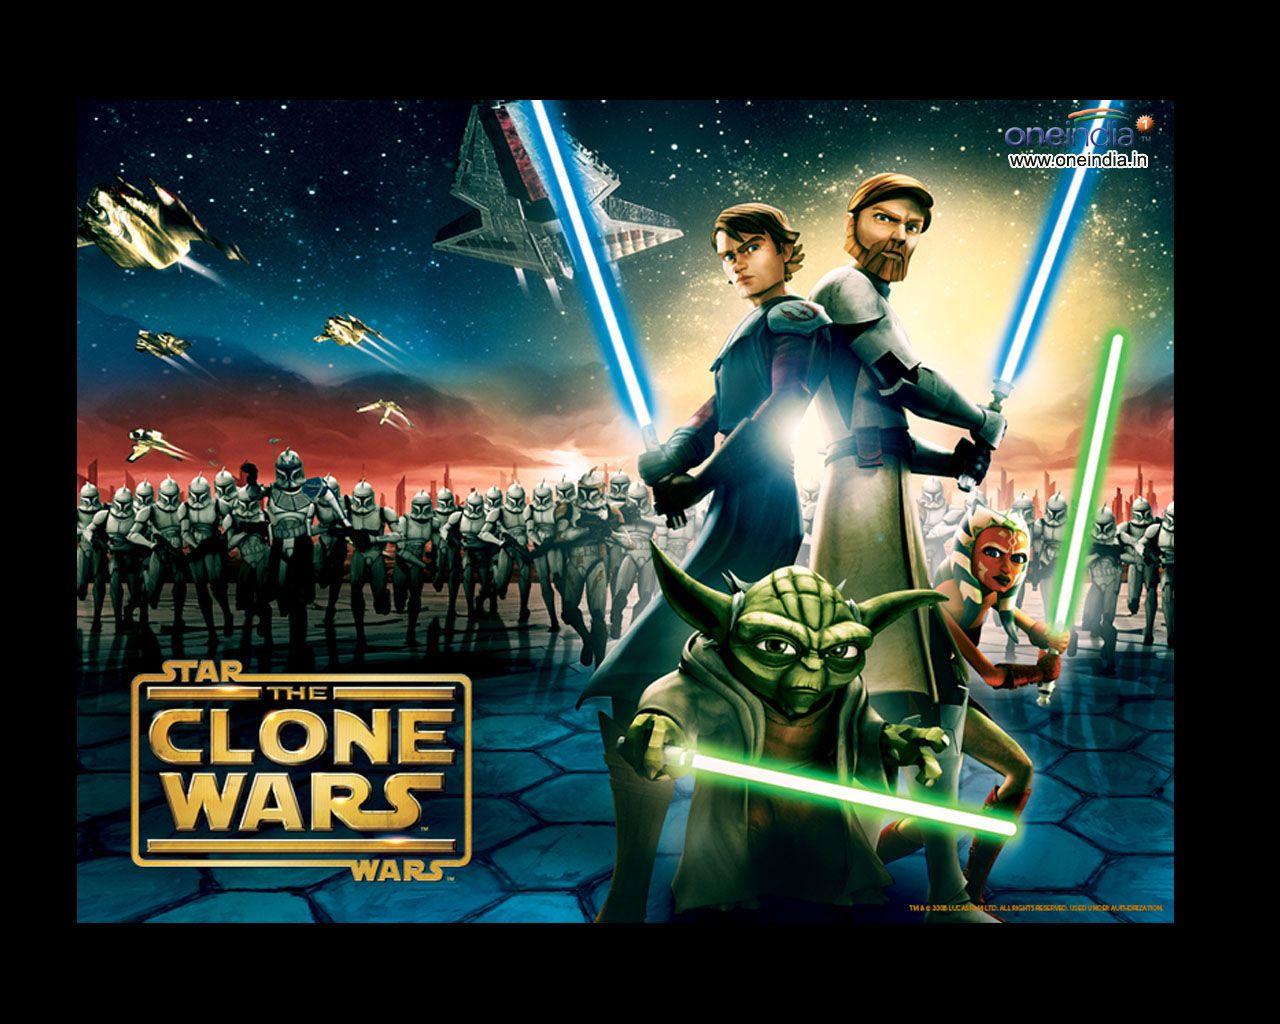 En esta imagen podemos ver en el primer plano a Skywalker, Kenobi ...